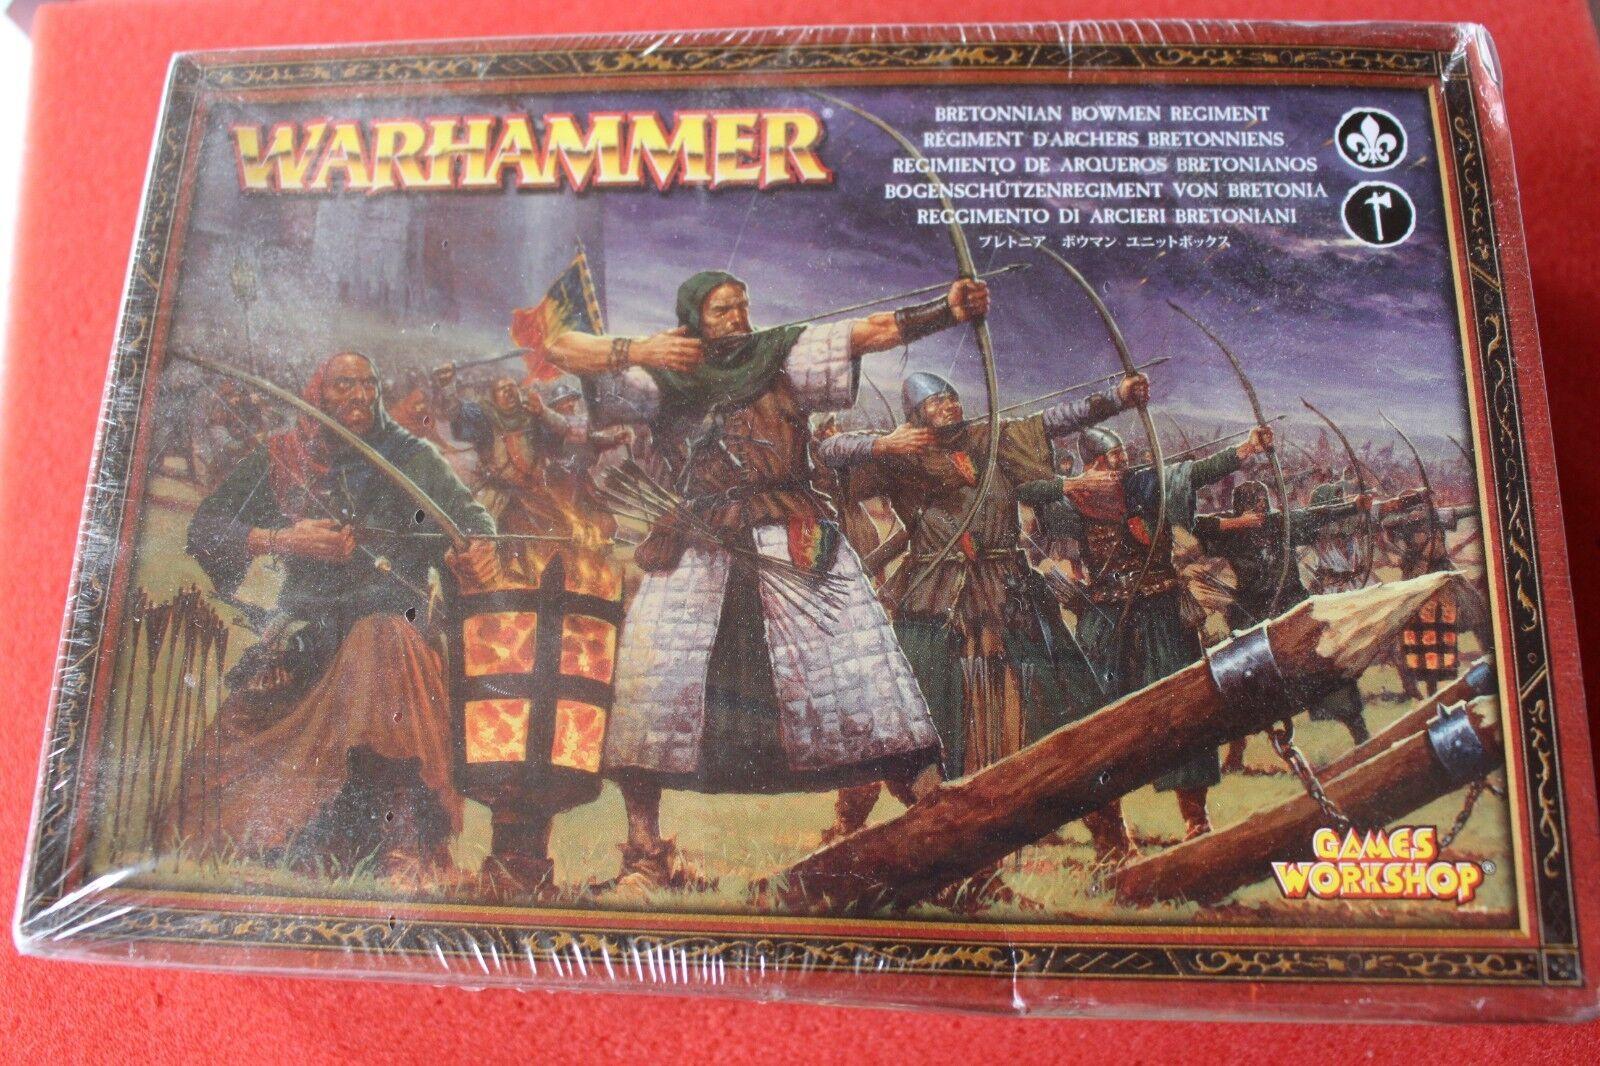 Juegos taller Warhammer BRETONNIAN BOWMEN Regimiento Nuevo Y En Caja Nuevos Modelos 16 GW